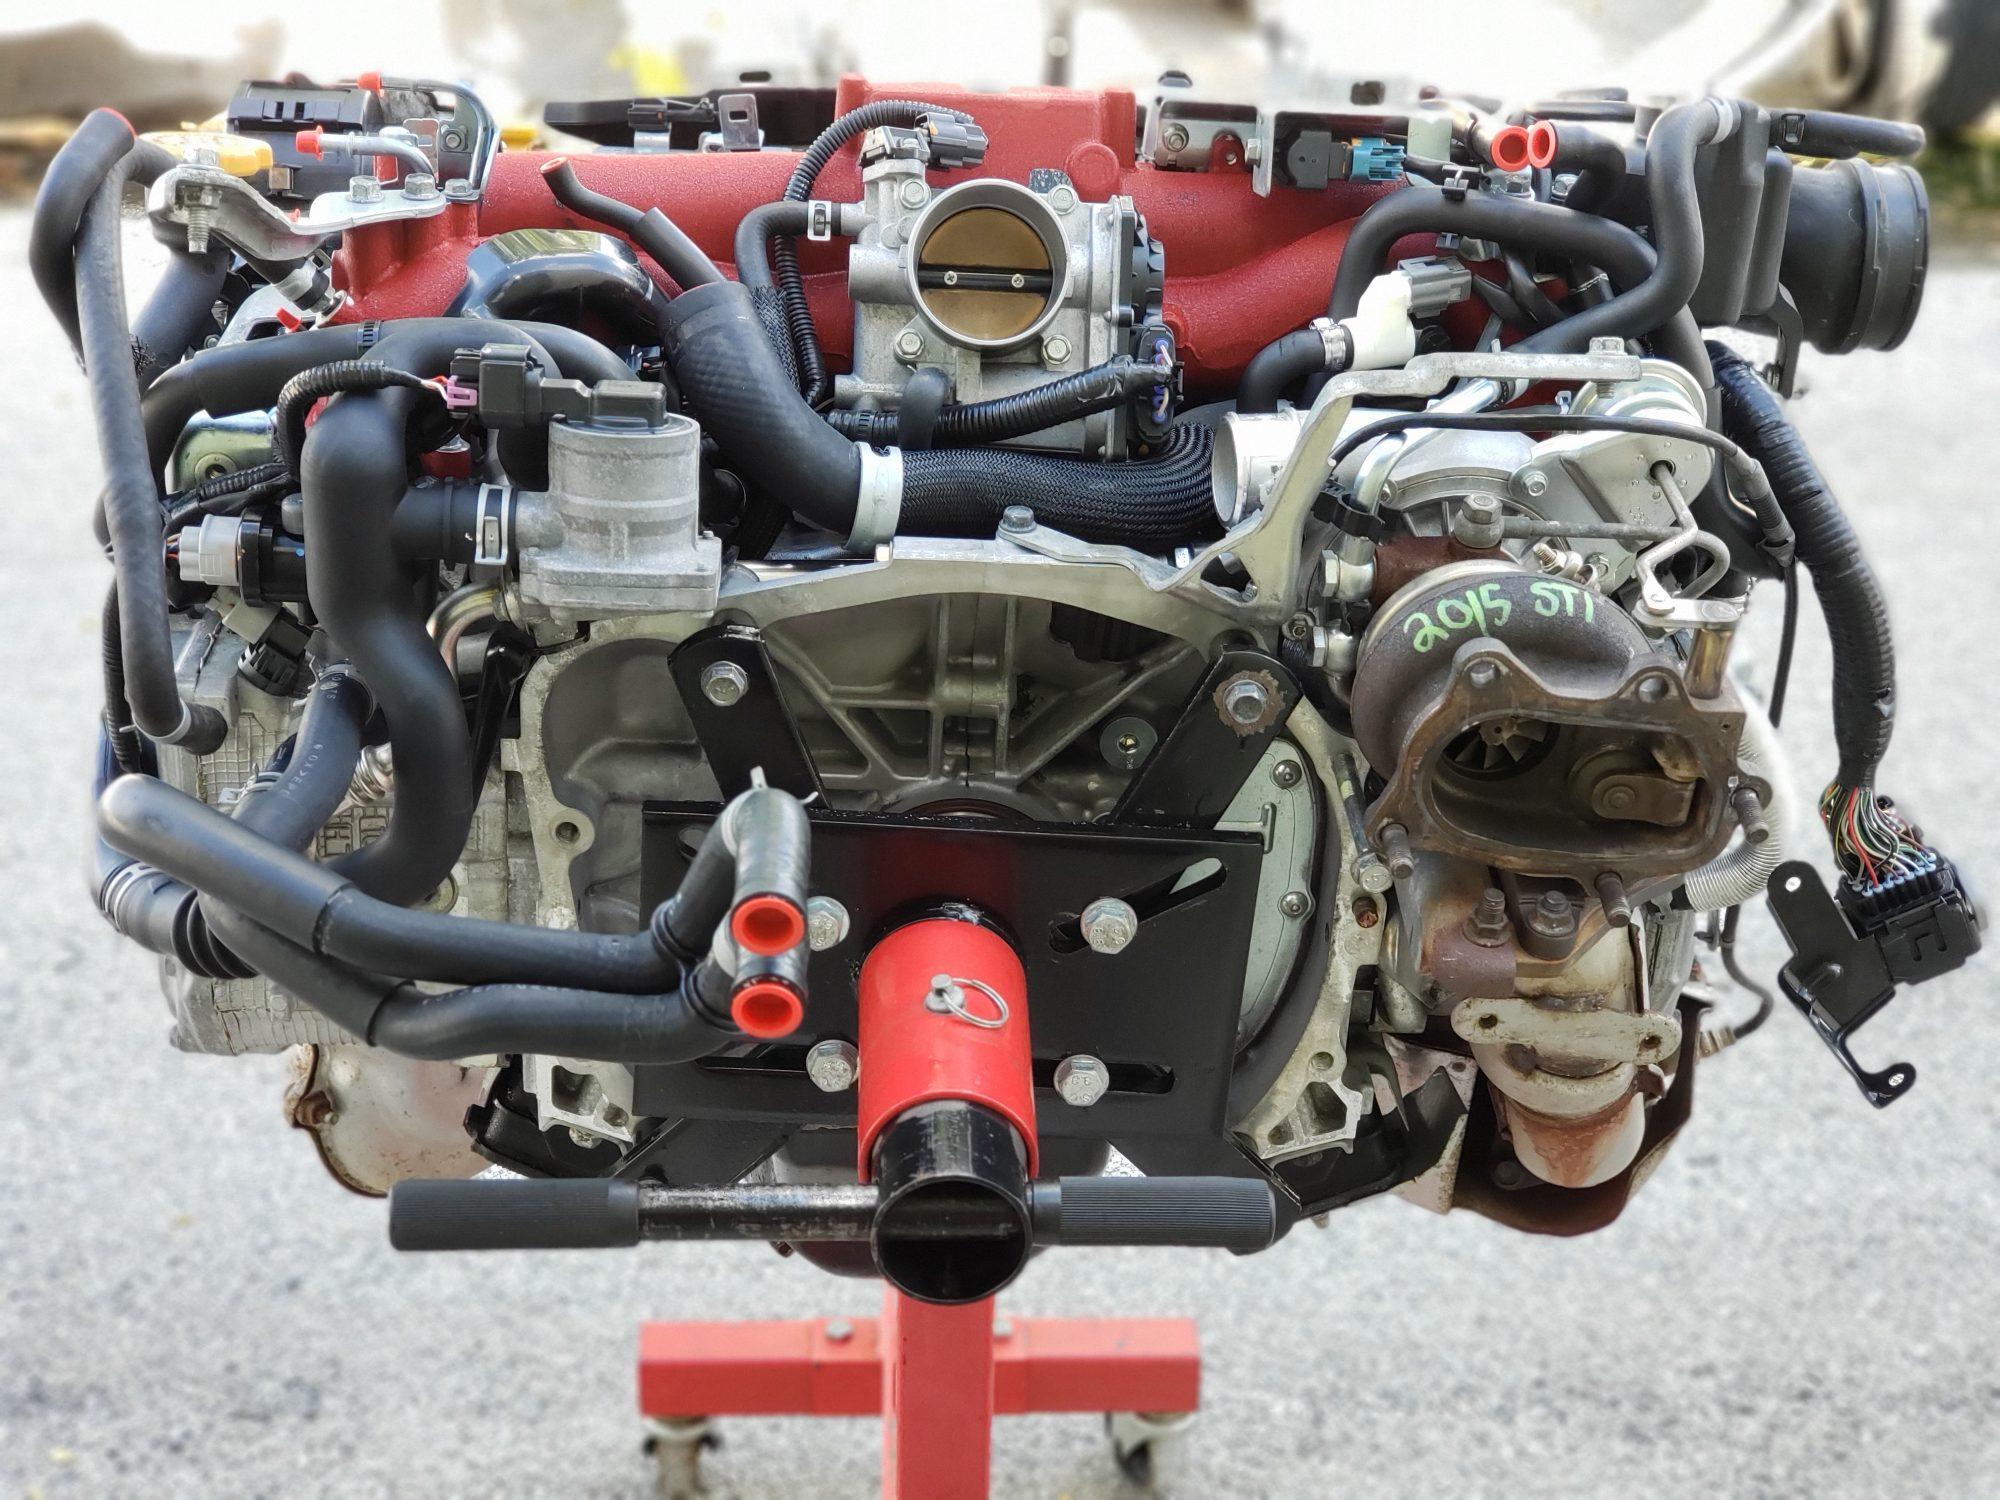 2008-2018 subaru wrx sti engine motor long block & vf48